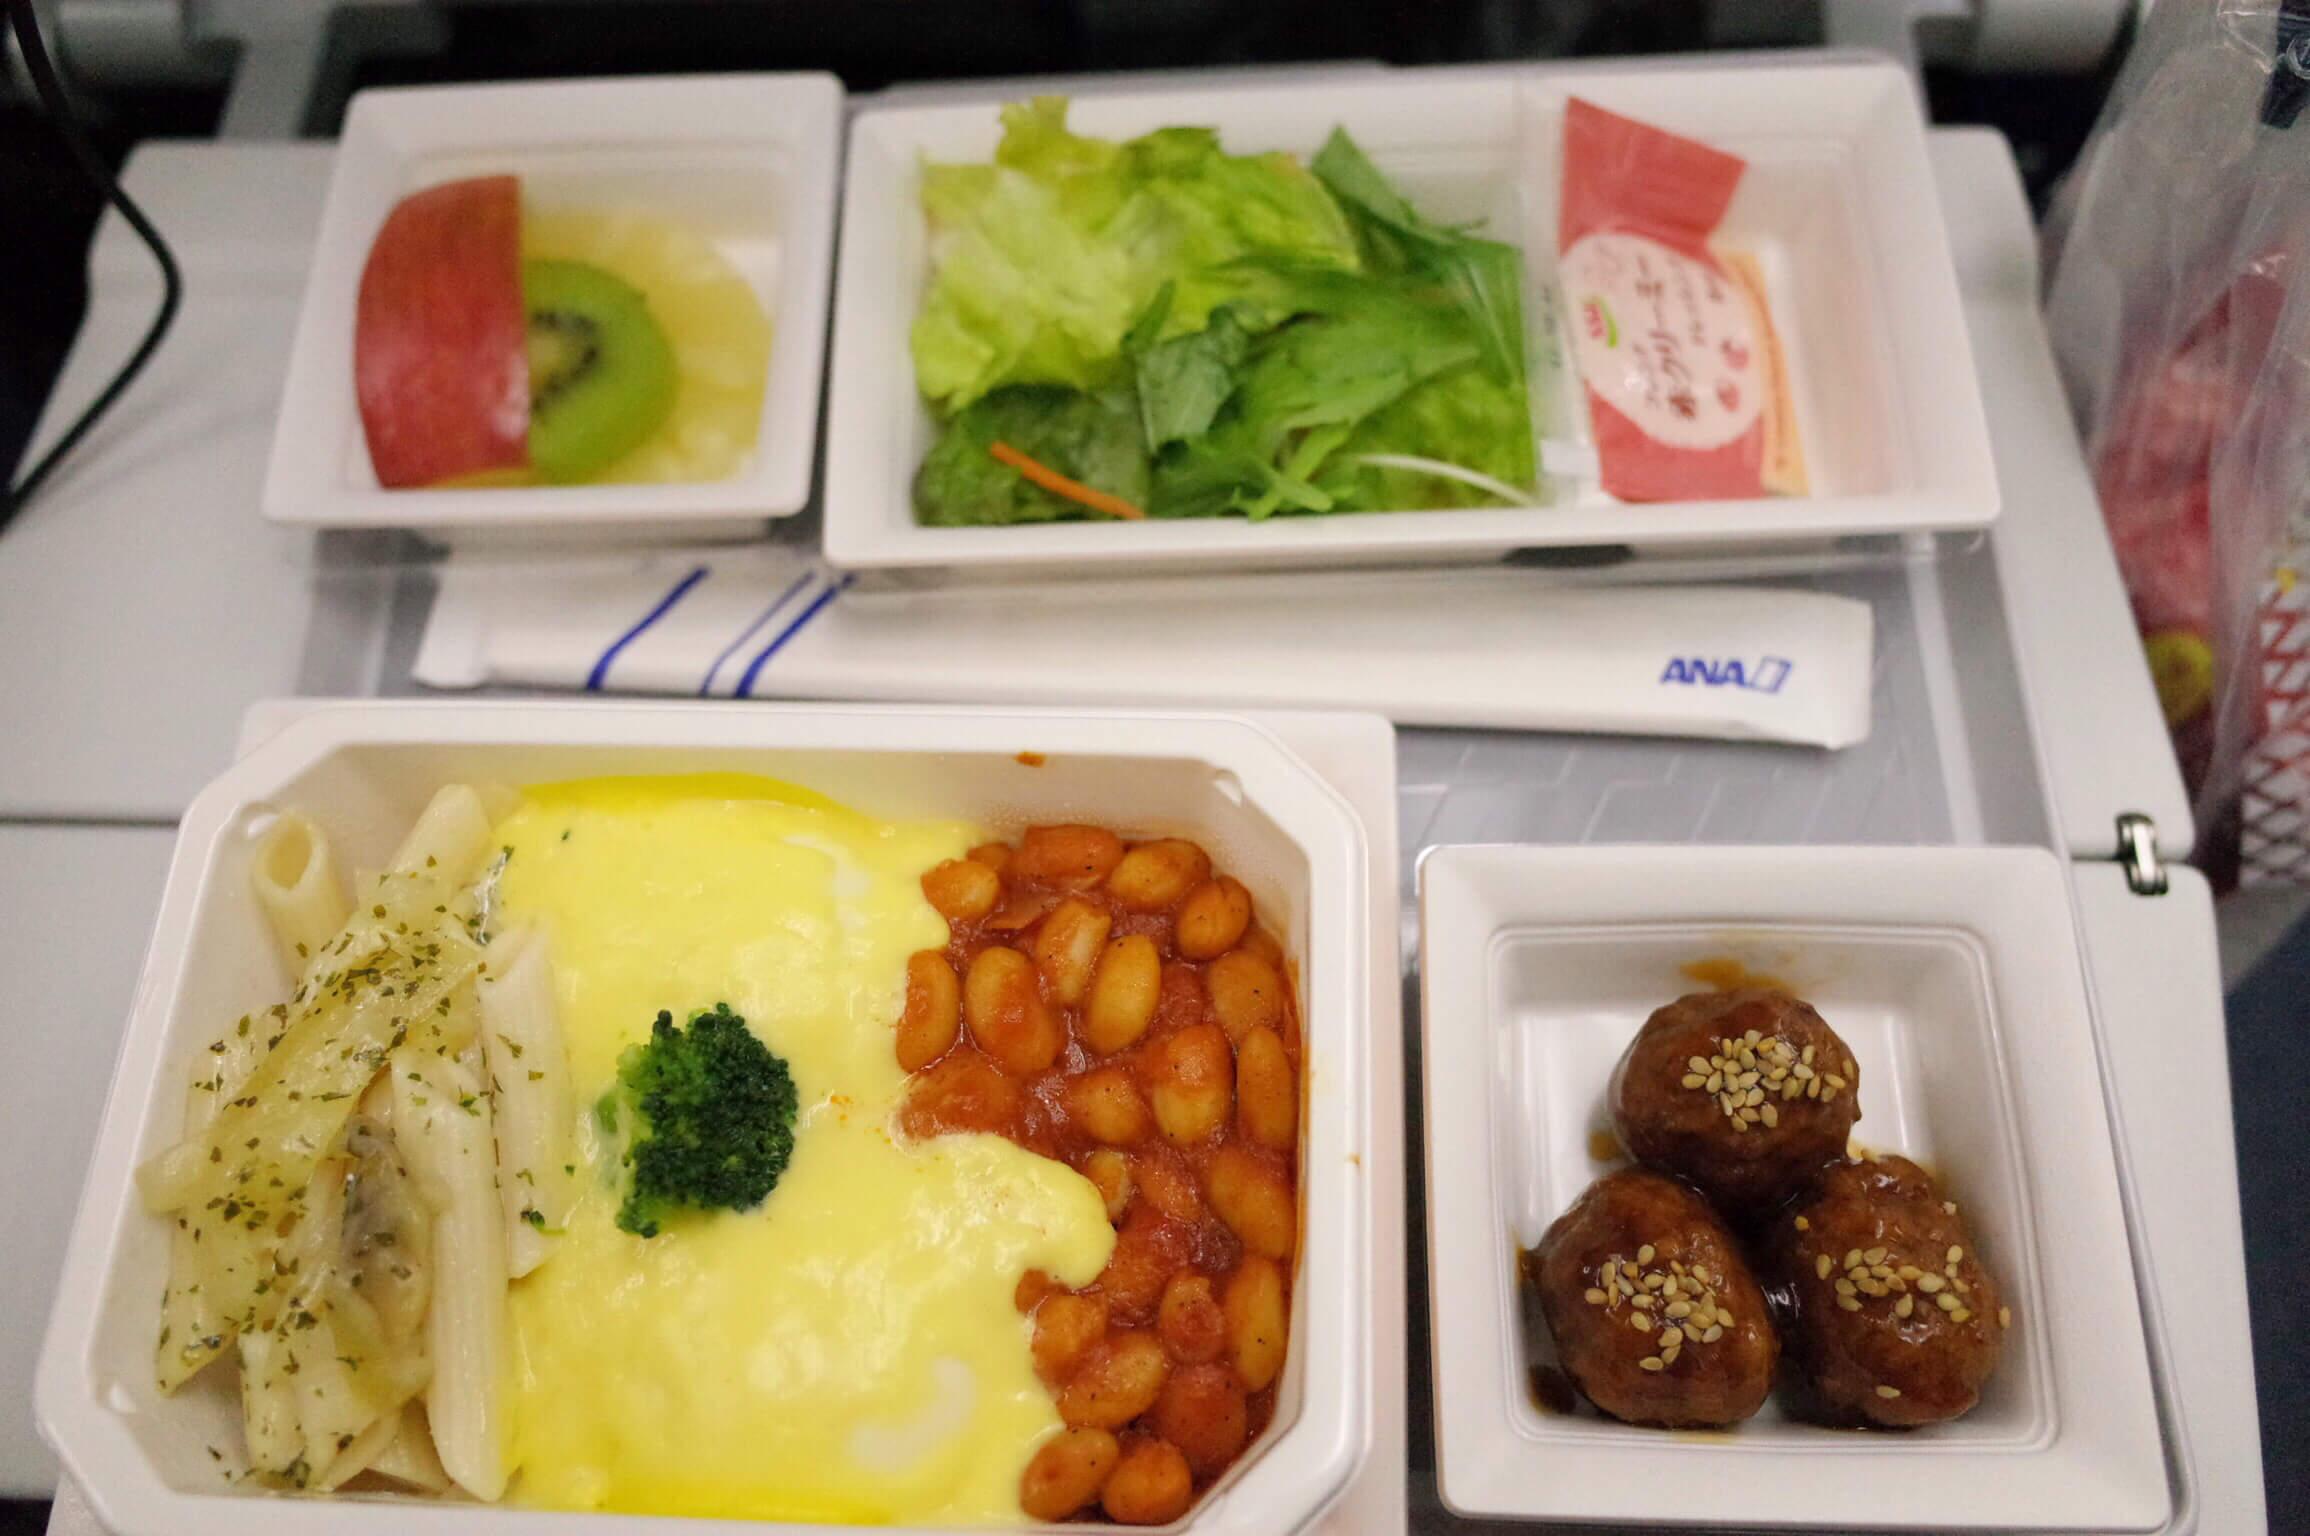 全日空NH849 | 羽田からバンコクにエコノミークラスでフライト ANA特典航空券を利用